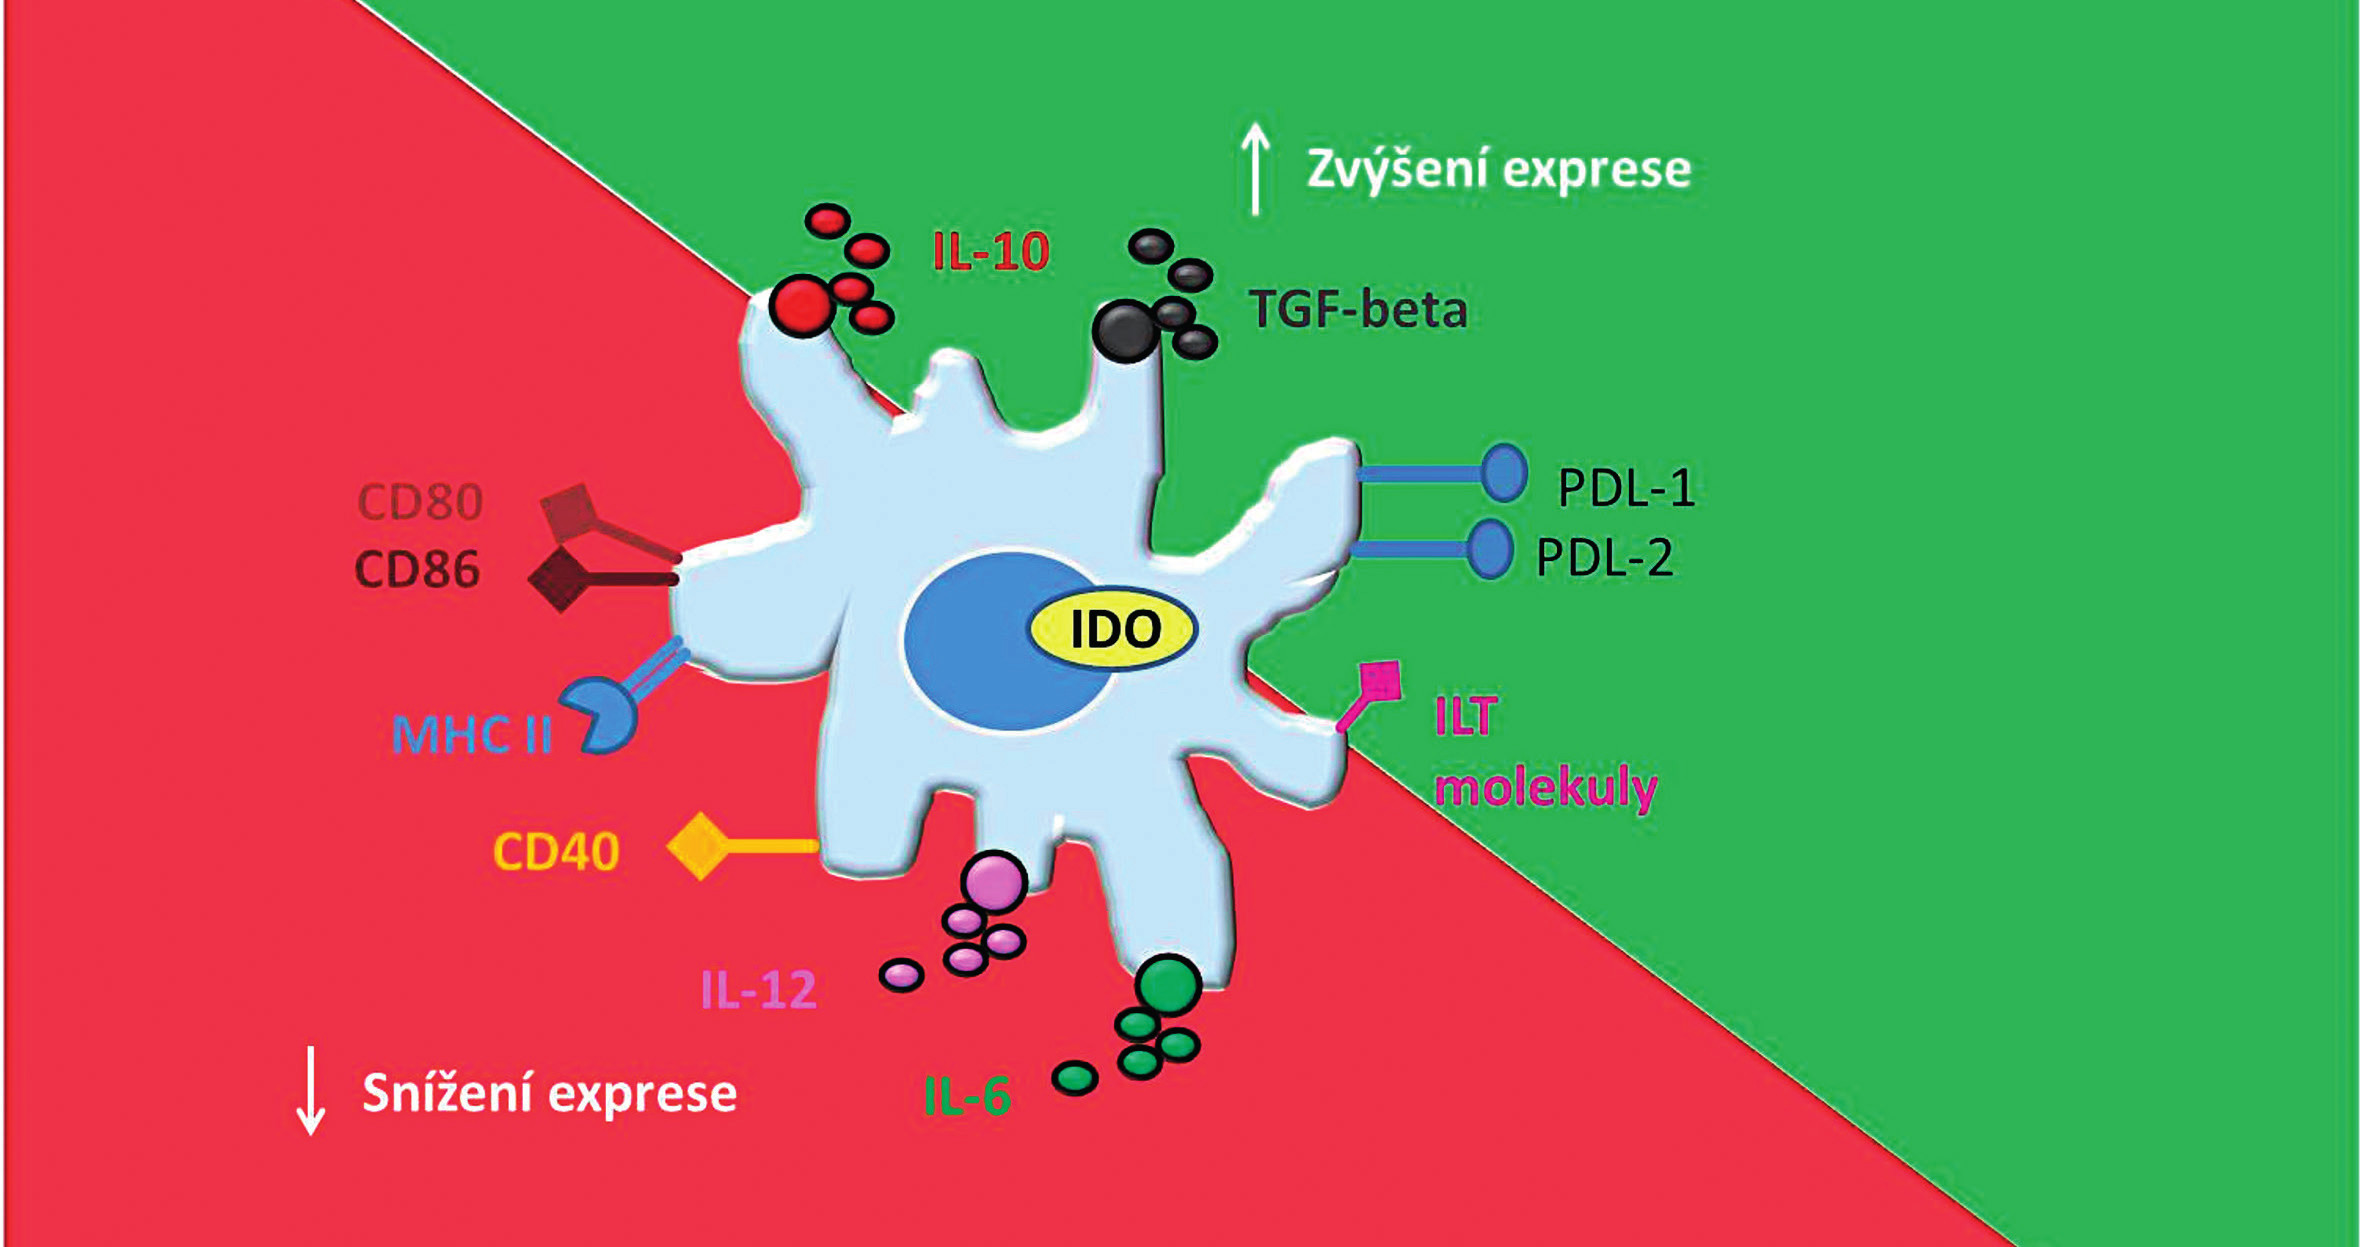 Základní charakteristika tolerogenních dendritických buněk. Tolerogenní dendritické buňky mají nižší schopnost aktivovat efektorové T-lymfocyty díky snížené expresi <i>kostimulačních</i> molekul (CD80, CD86, CD40) a MHC molekul. Naopak díky zvýšené expresi imunoregulačních molekul PDL-1,2 a ILT- molekul mají schopnost navodit <i>anergii</i> či <i>klonální deleci</i> T-lymfocytů. tDC mají dále příznivý protizánětlivý cytokinový profil, charakterizovaný nízkou nebo žádnou produkcí IL-12 a IL-6 a zvýšenou produkcí IL-10 a TGF-β. Dále exprimují imunoregulační enzym IDO, který dále přispívá k jejich tolerogennímu potenciálu. CD – cluster of differentiation (diferenciační skupina); MHC – major histocompatibility complex (hlavní histokompatibilní komplex); PDL – programmed death-ligand (ligand programované buněčné smrti); ILT – Immunoglobulin-like transcript (transkript podobný imunoglobulinům); tDC – tolerogenní dendritické buňky; IL – interleukin; TGF-β – transforming growth factor β (transformující růstový faktor beta); IDO – indolamin 2,3–dioxygenáza  Fig. 1. Basic characteristic of tolerogenic dendritic cells. tDC have a limited ability to prime T cells and induce their anergy or clonal deletion because of down-regulation of co-stimulatory molecules (CD80, CD86, CD40) and MHC molecules and up-regulation of immunoregulatory molecules (PDL-1,2 and ILT molecules). tDC display appropriate anti-inflammatory cytokine profile, which is defined by a low or none production of IL-12 and IL-6 and high production of IL-10 and TGF-β. Moreover, expression of immunomodulatory enzyme IDO contributes to their tolerogenic potential. CD – cluster of differentiation; MHC – major histocompatibility complex; PDL – programmed death-ligand; ILT – immunoglobulin- like transcript; tDC – tolerogenic dendritic cells; IL – interleukin; TGF-β – transforming growth factor β; IDO – indoleamine 2,3-dioxygenase